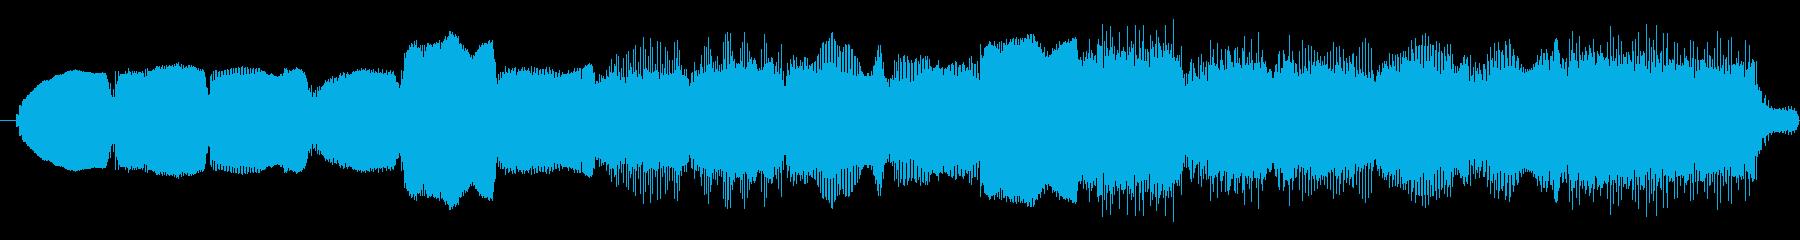 夜明けとともに山の向こうから聞こえる曲の再生済みの波形